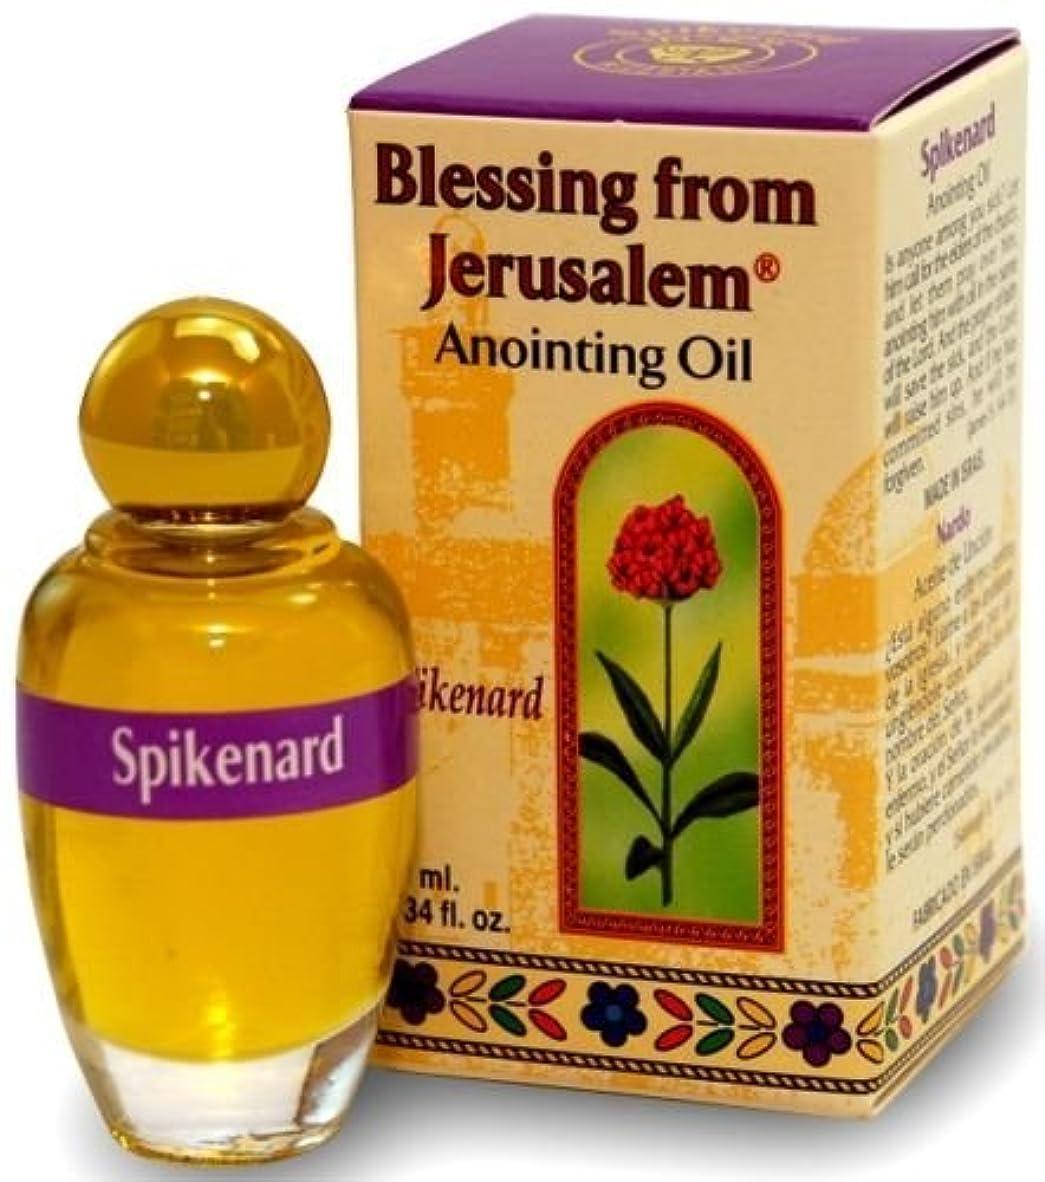 やけどスコットランド人研究所Spikenard – BlessingからエルサレムAnointingオイル – 10 ml ( .34 FLオンス) byベツレヘムギフトTM